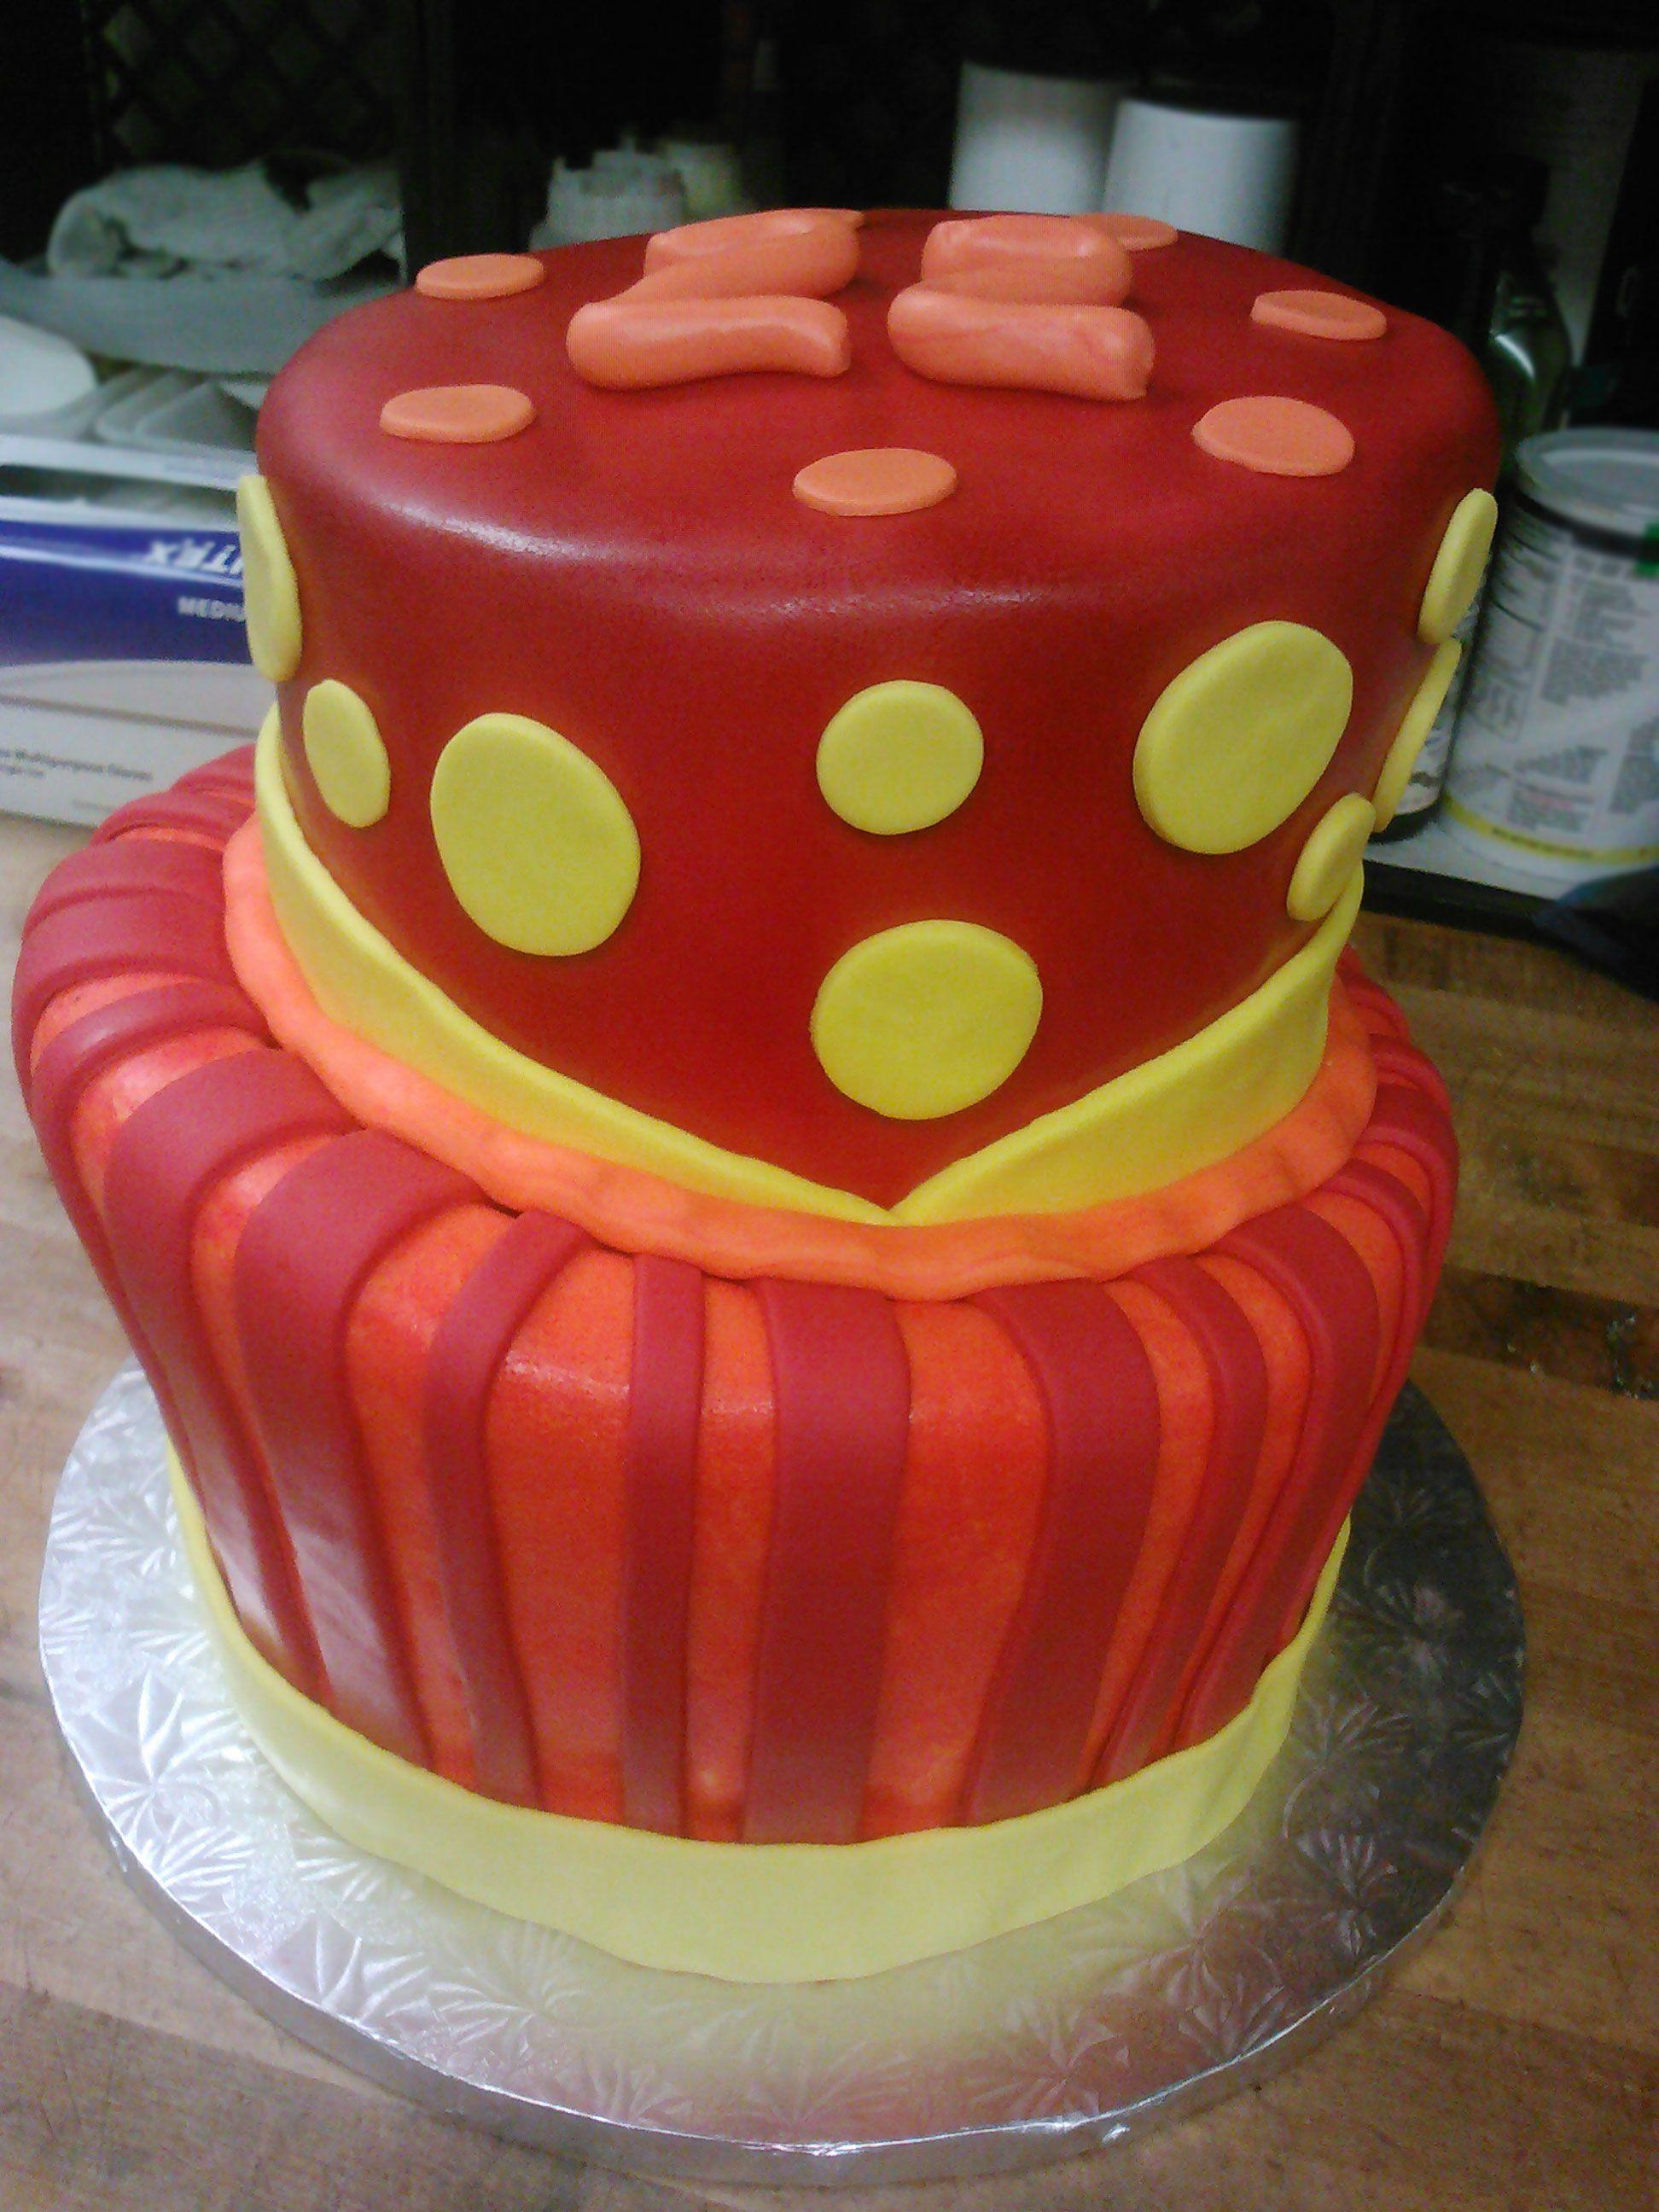 Ducky Cake Designed Cosentinos Brookside Market Kansas City Jpg 1944x2592 Princess Birthday Price Chopper